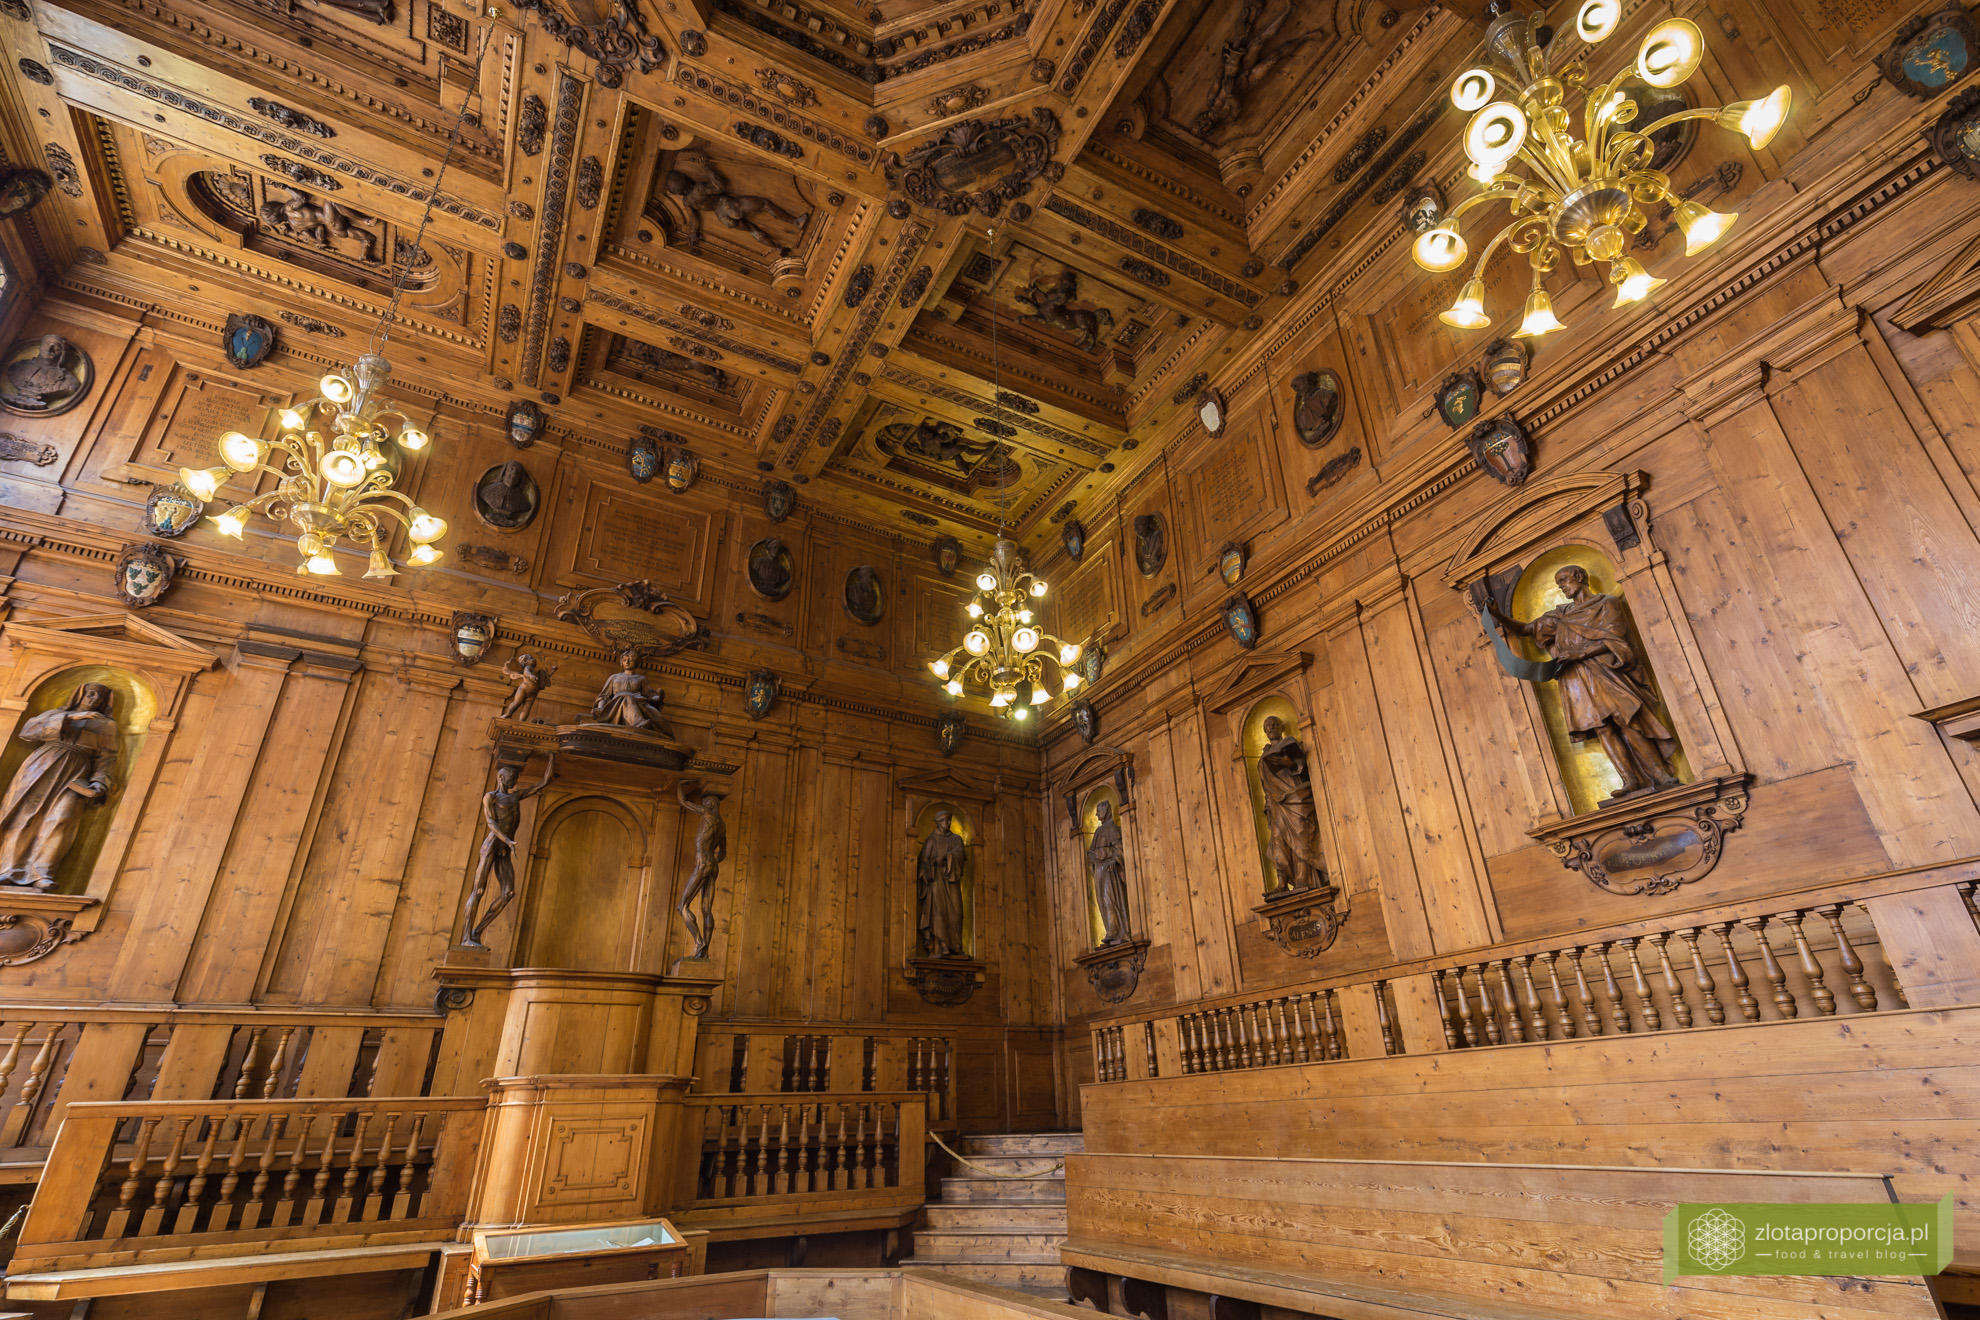 Bolonia, atrakcje Bolonii, Uniwersytet Boloński, Archiginnasio, Teatro Anatomico, Emilia Romania